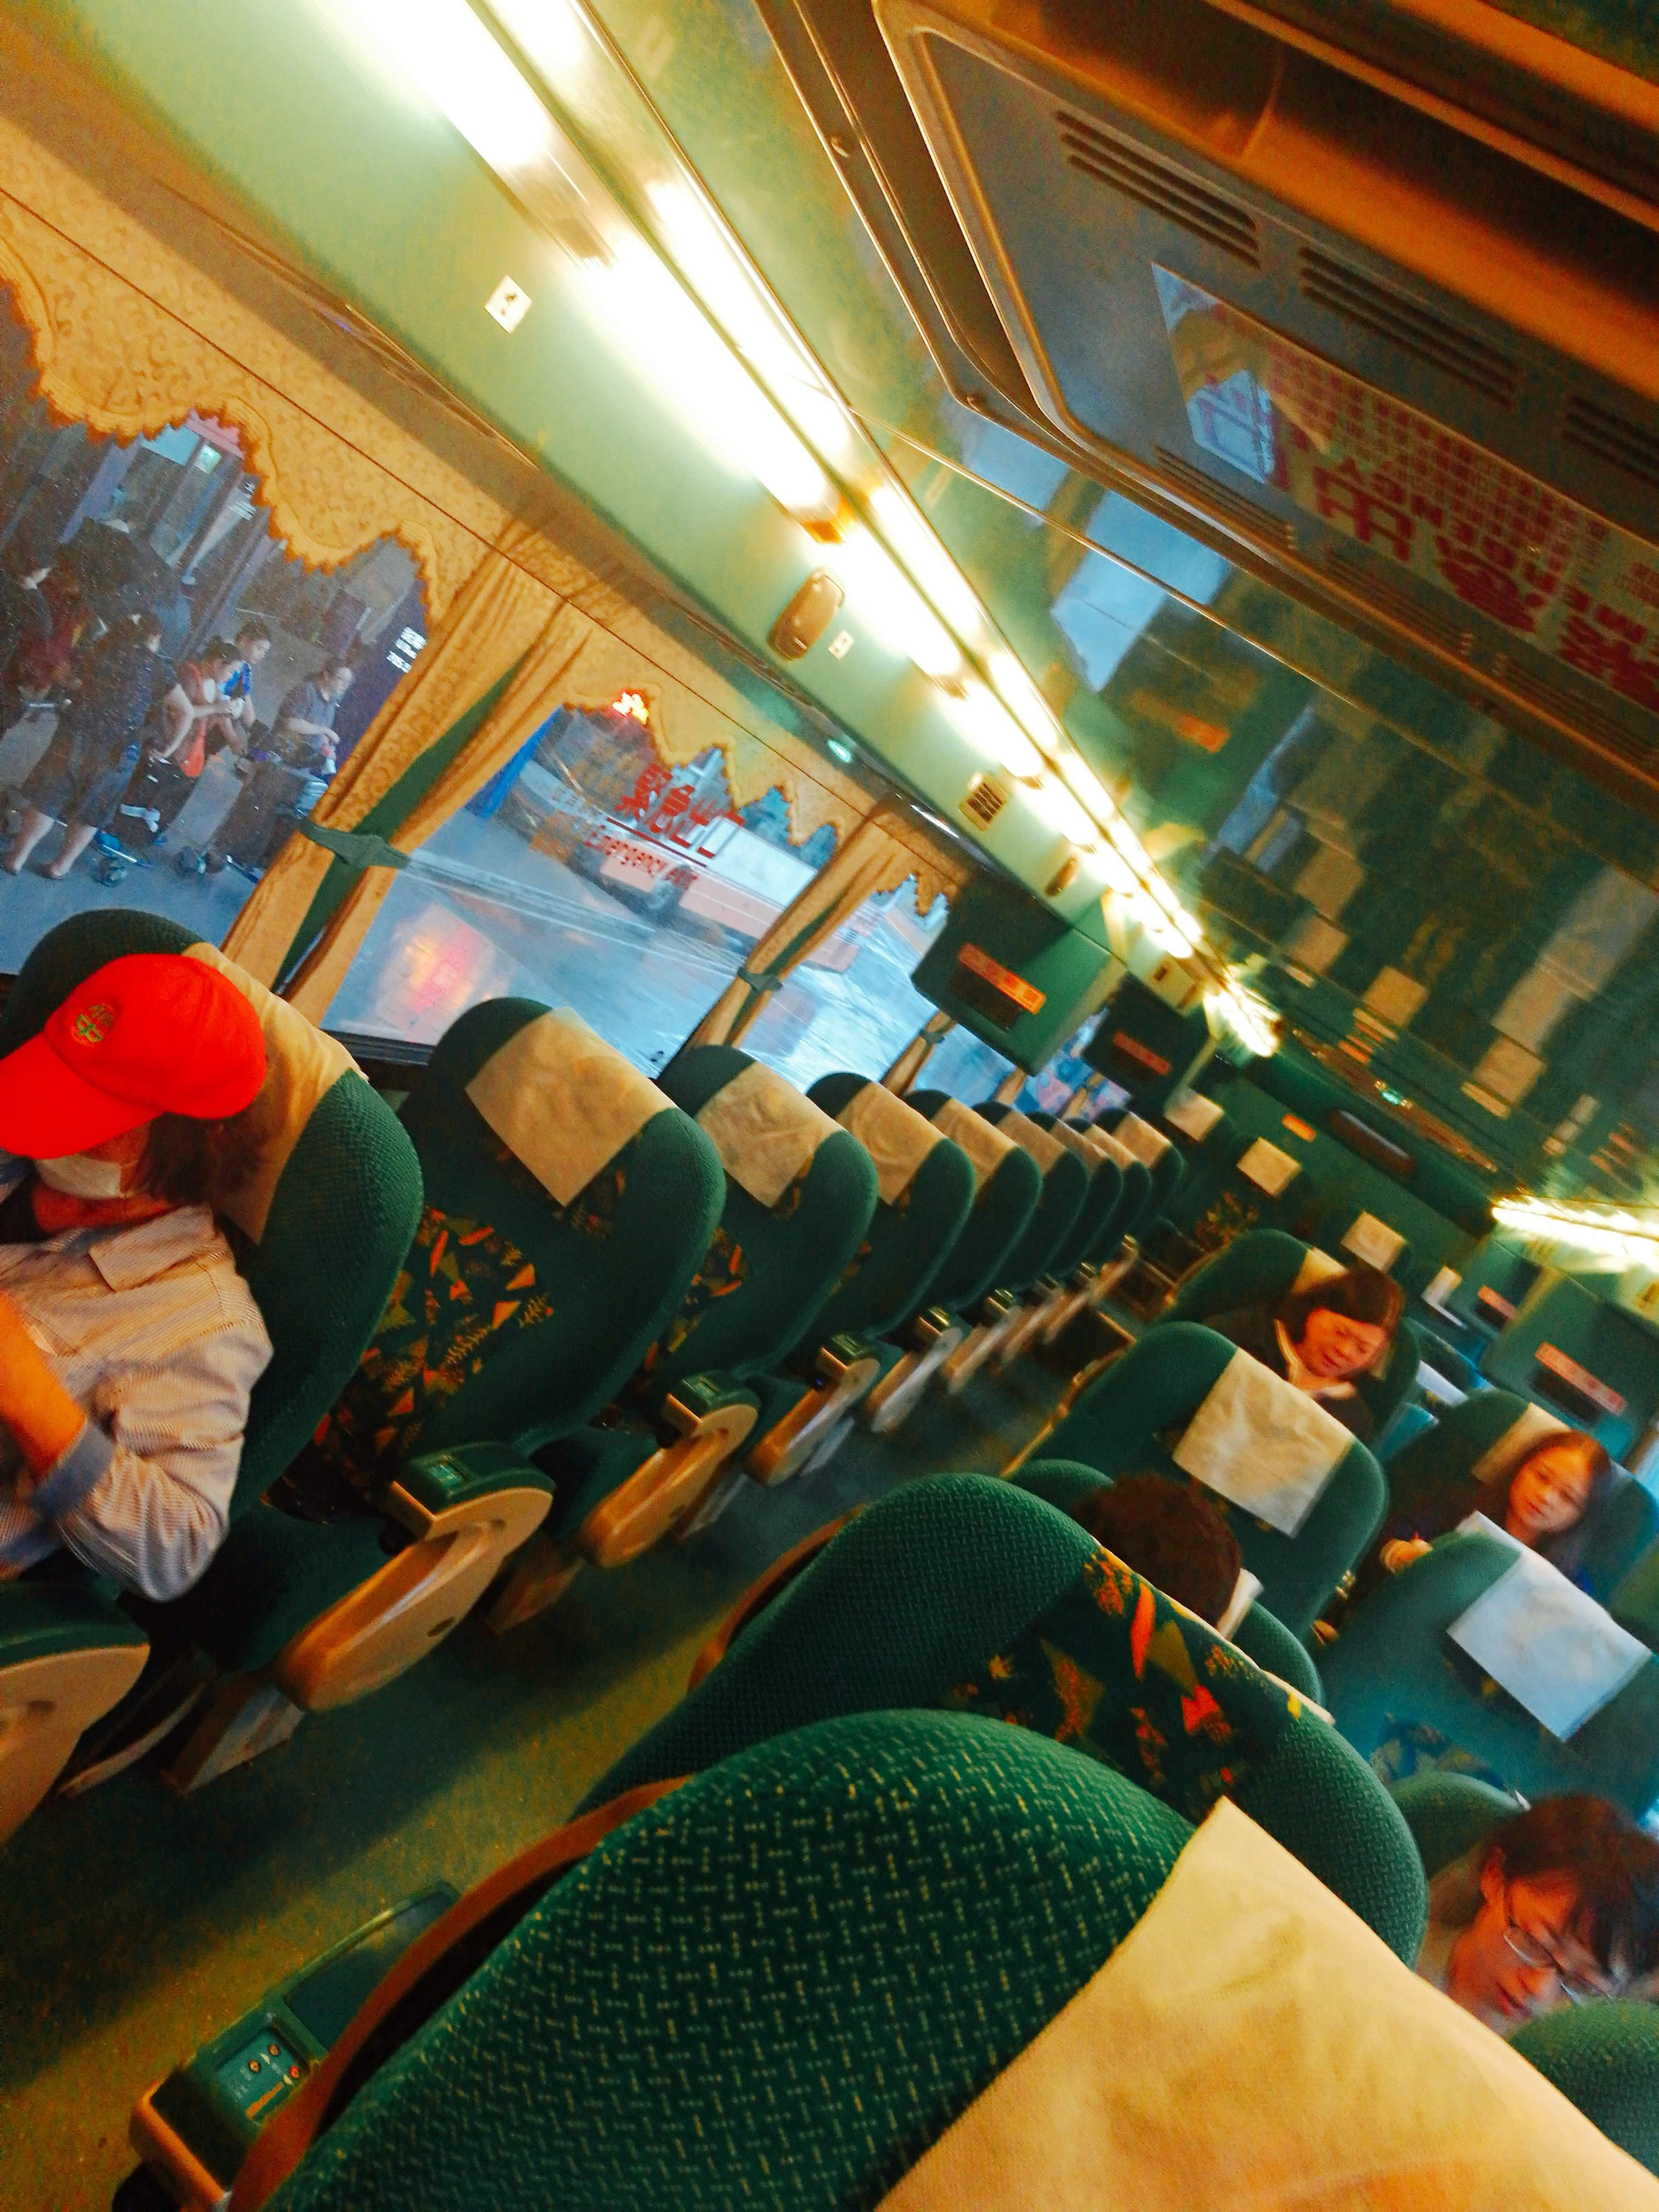 【台湾】台湾にいくならアートの村台中へgo_1